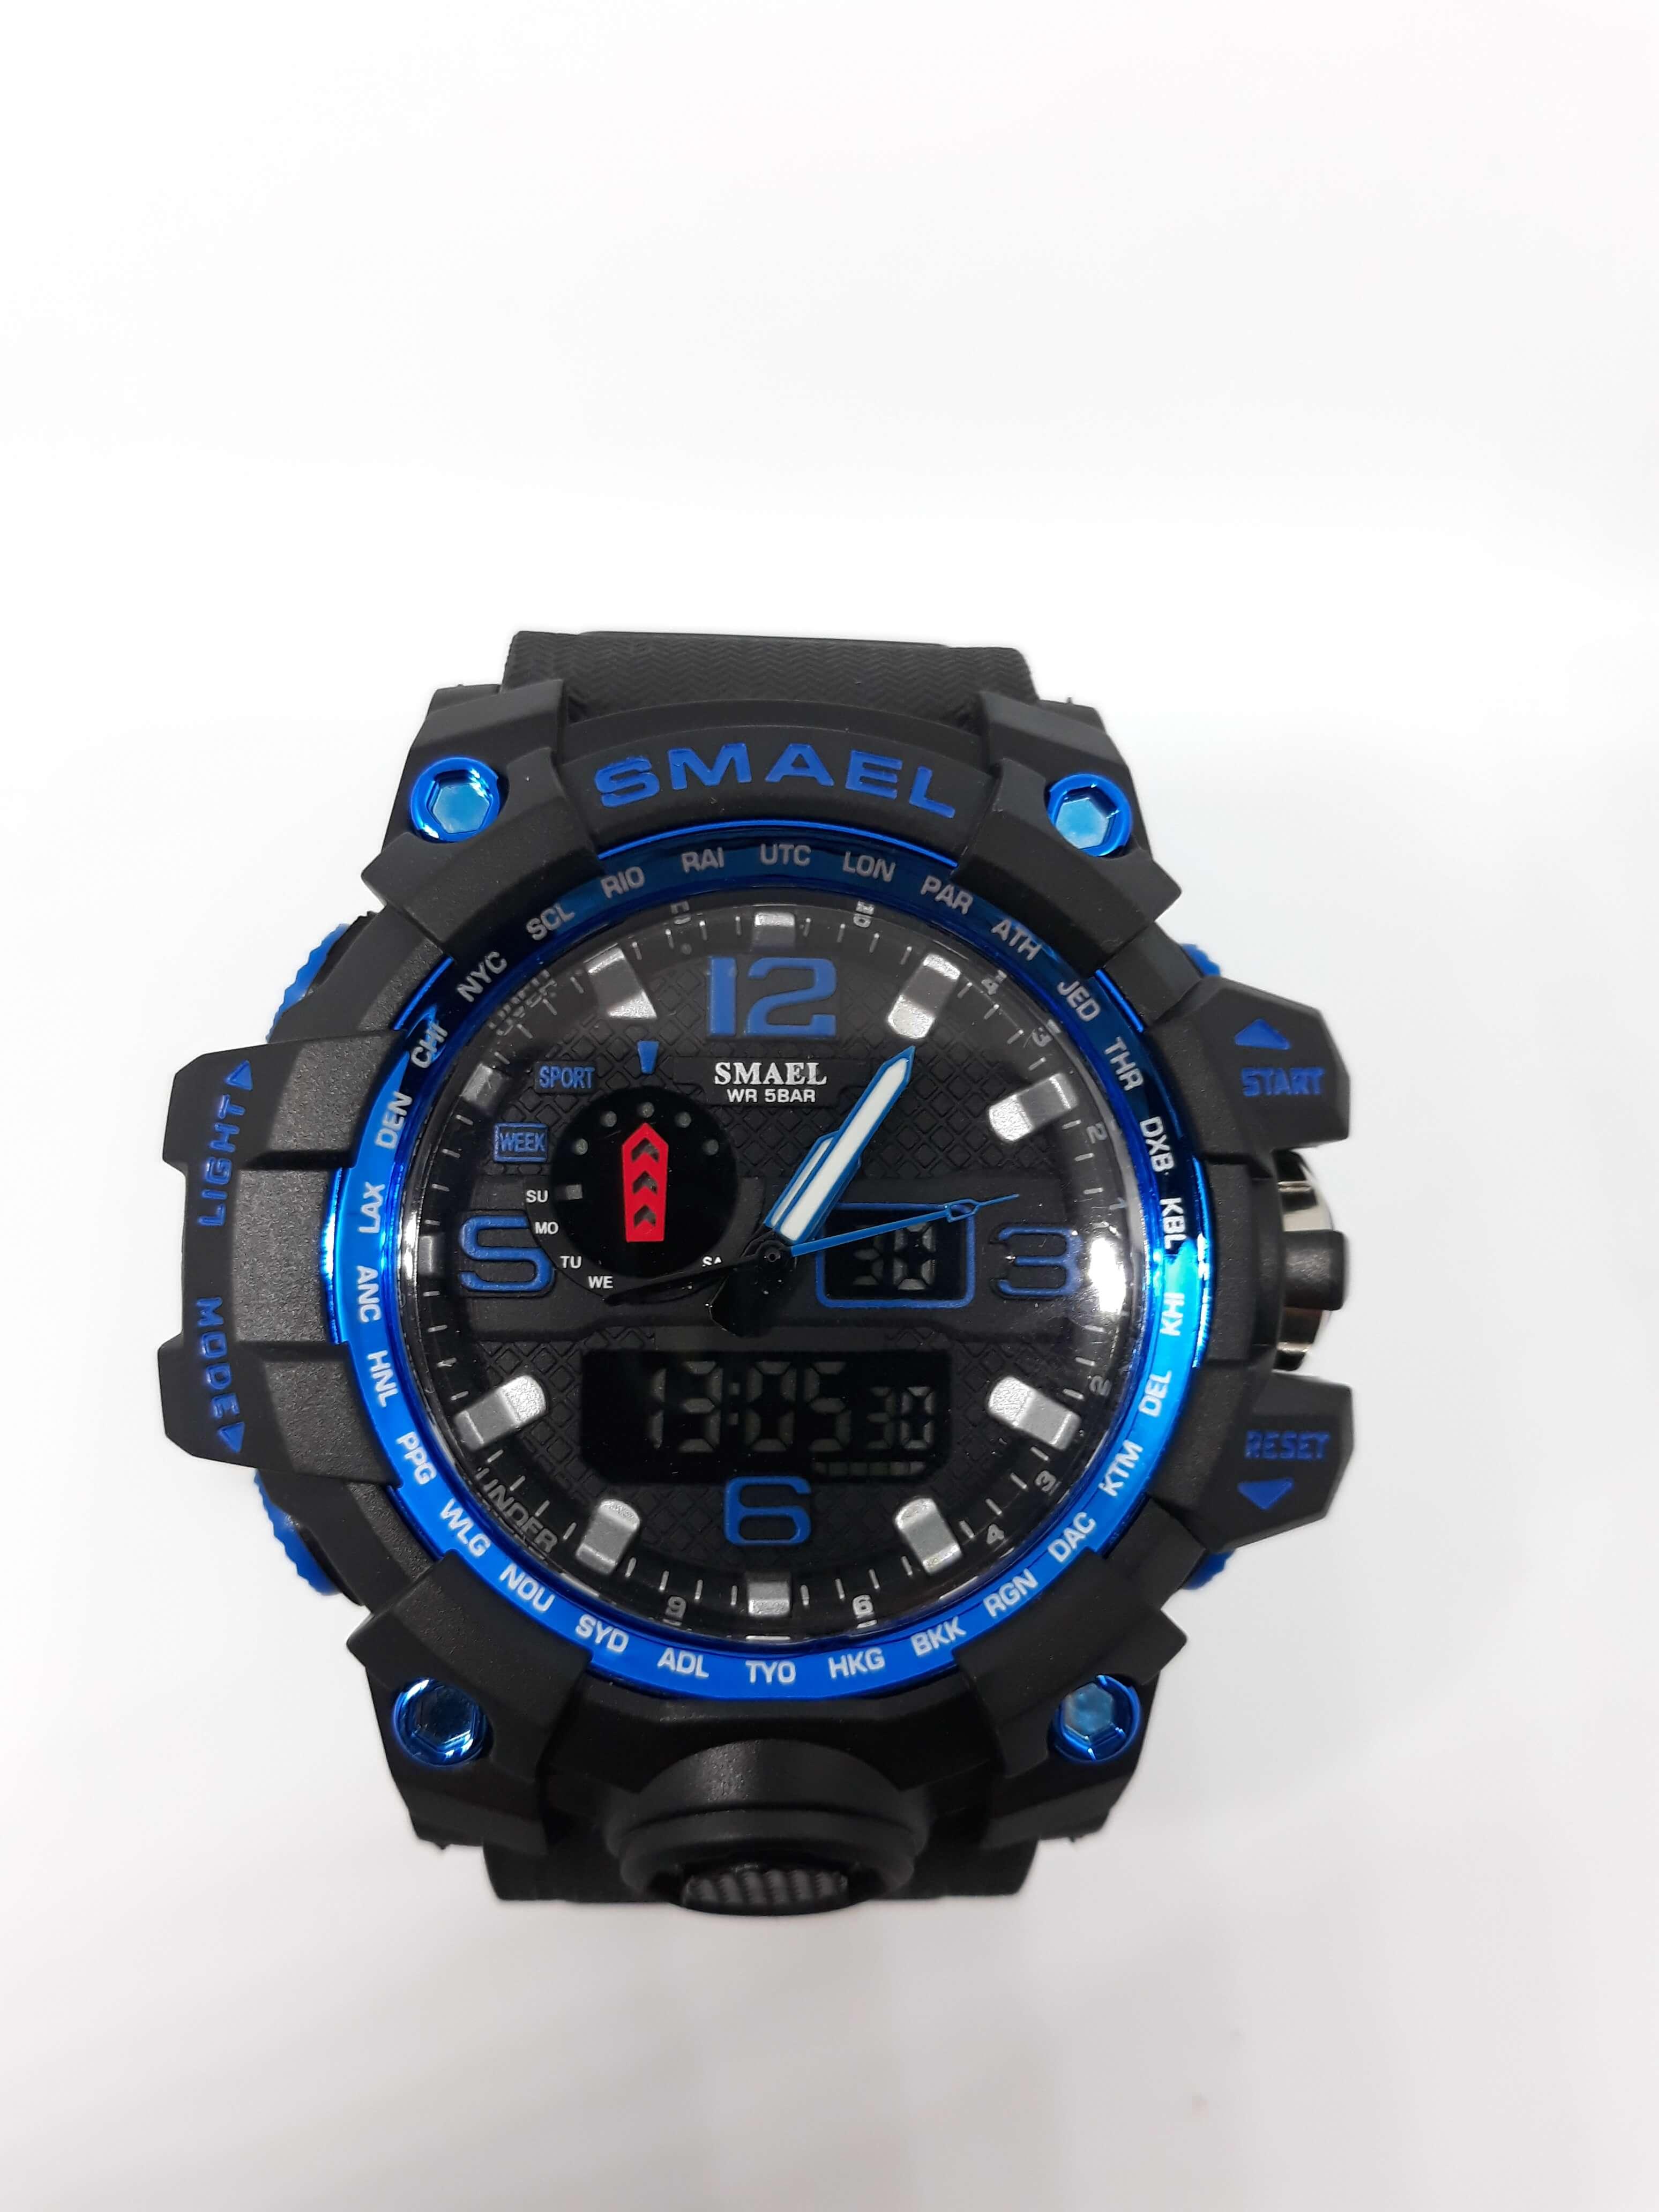 Zegarek Smael Camouflage niebieski czarny 16